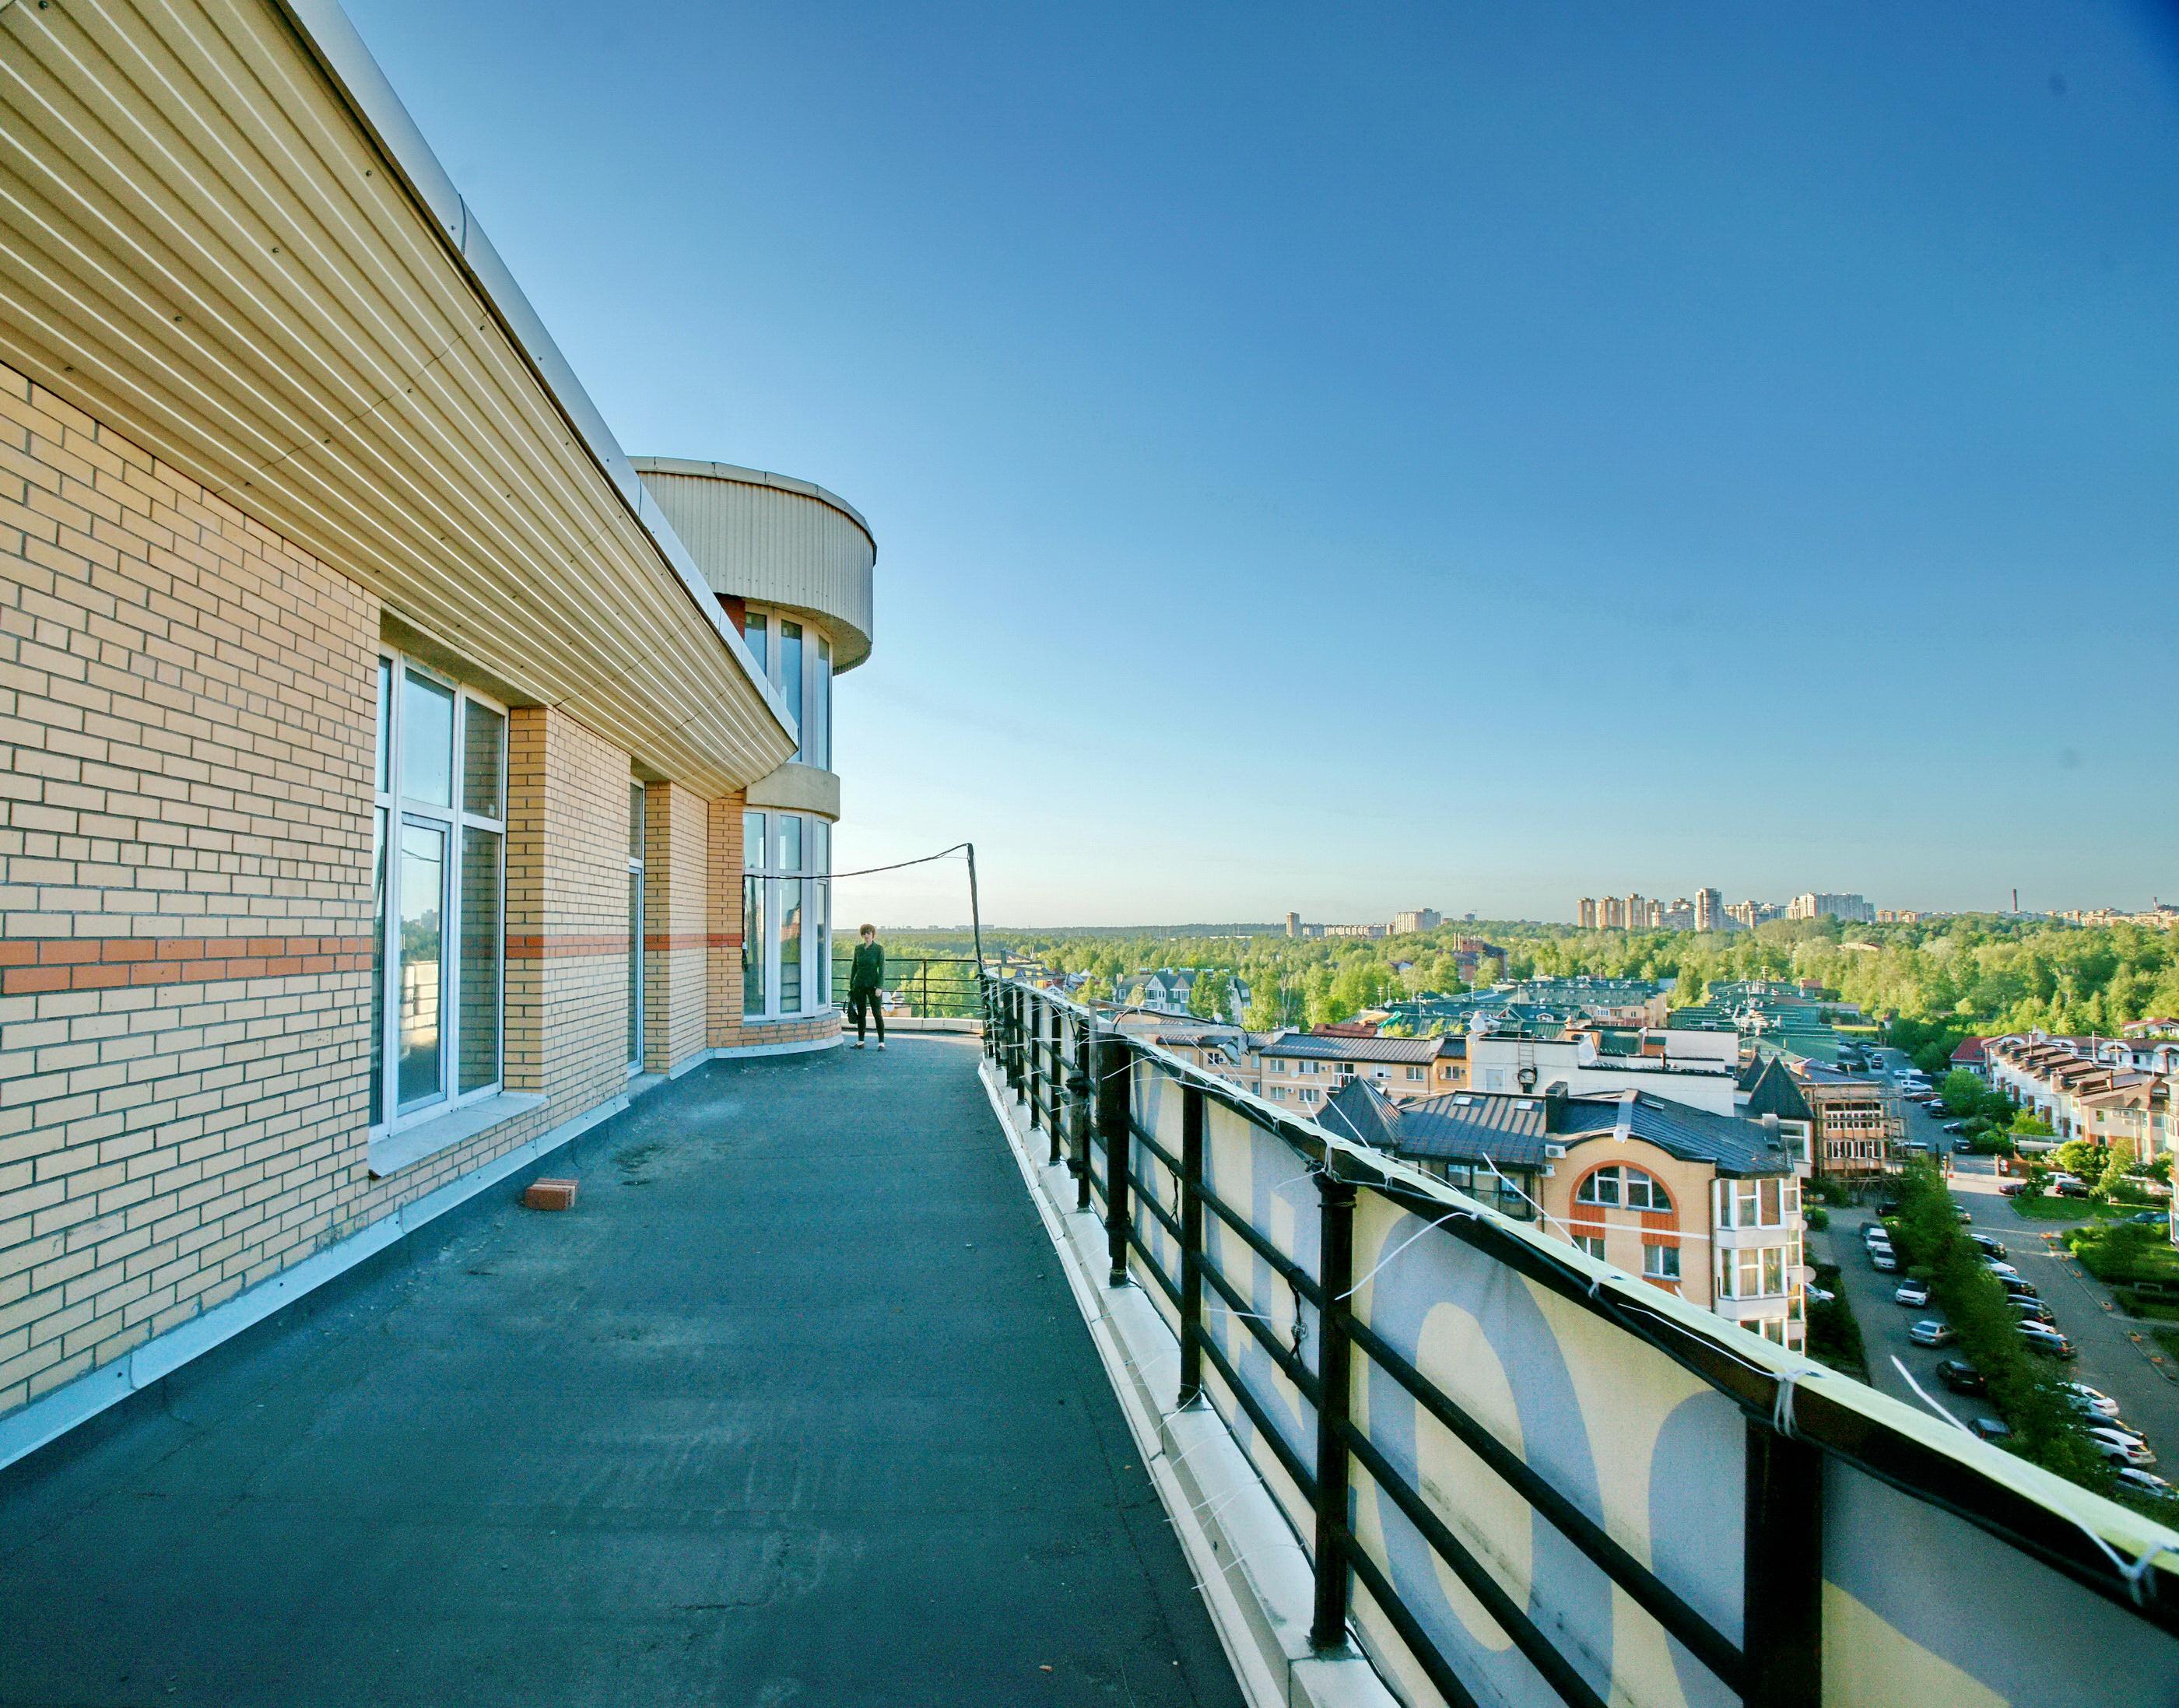 огромная терраса и башня квартиры пентхауса жк Орловский Каскад в Санкт-Петербур